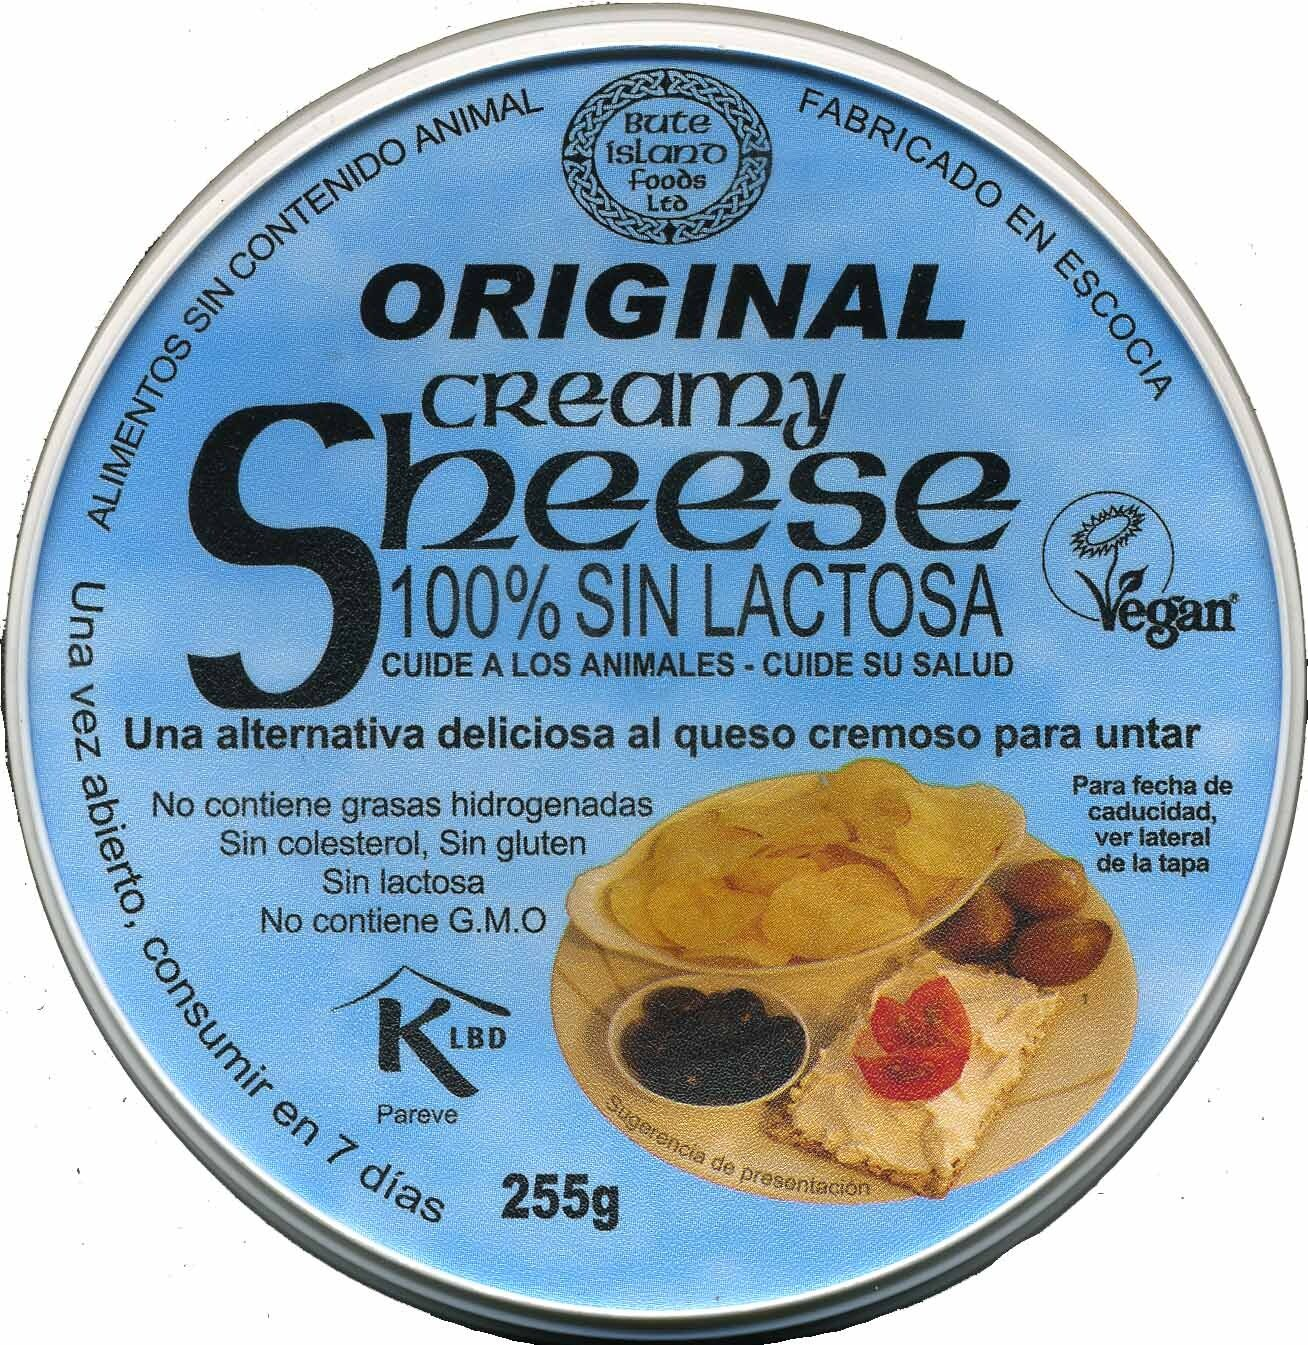 Queso vegetal Creamy Original - Product - es